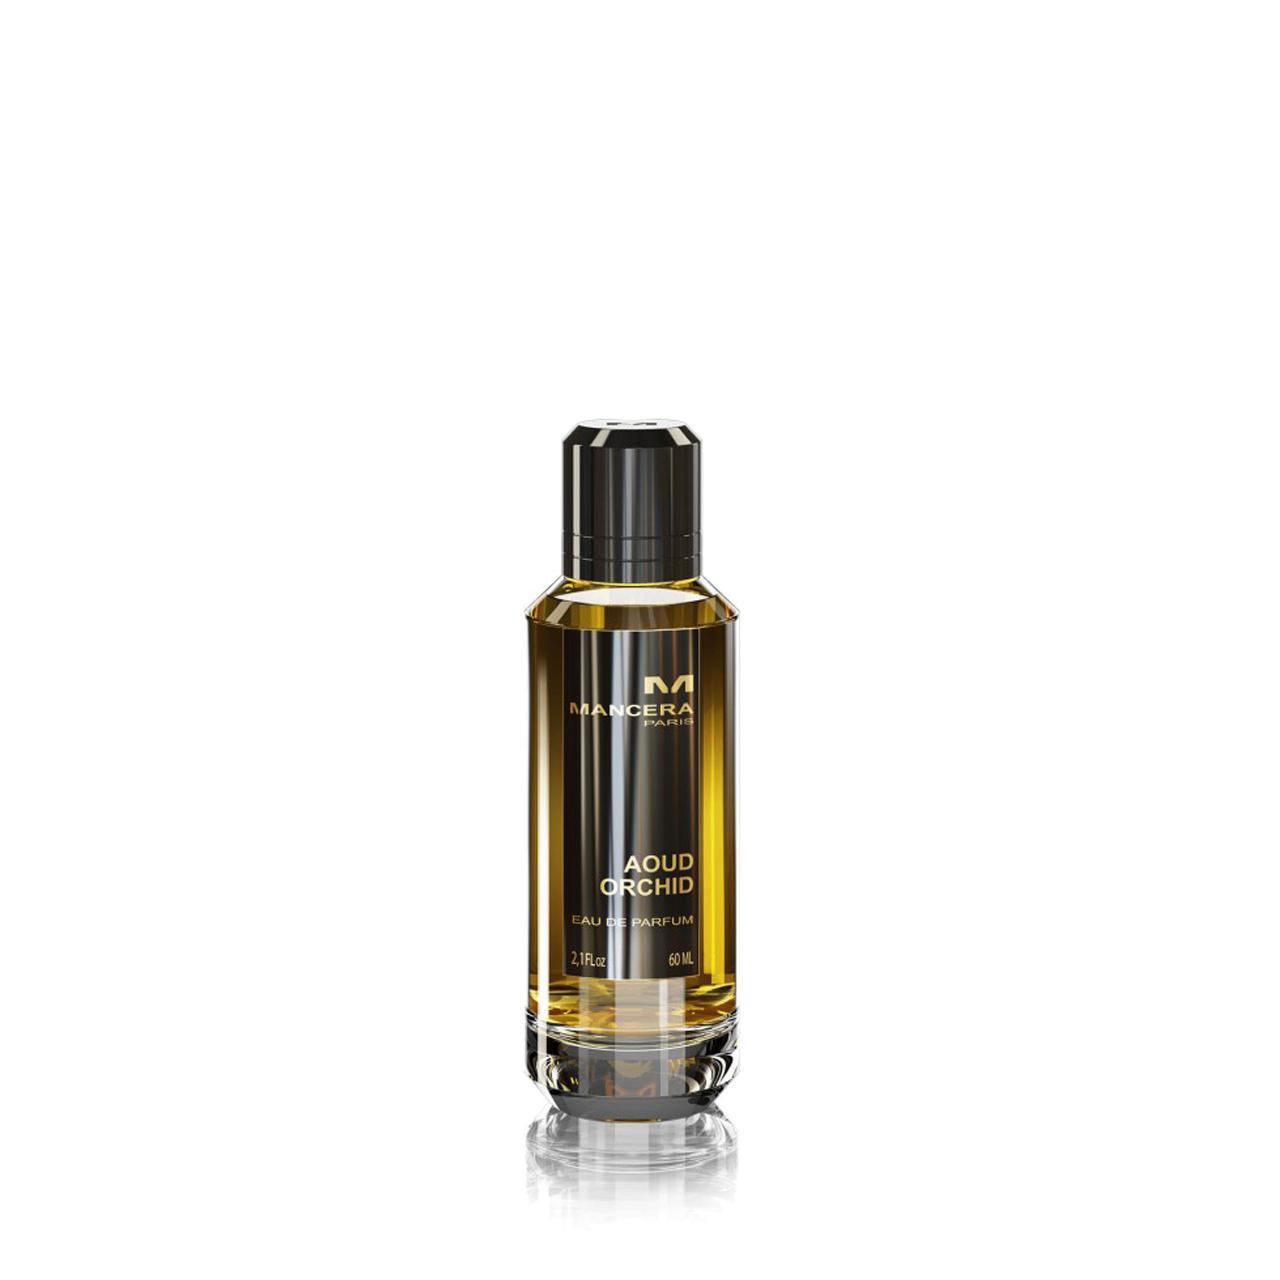 Aoud Orchid - Eau de Parfum